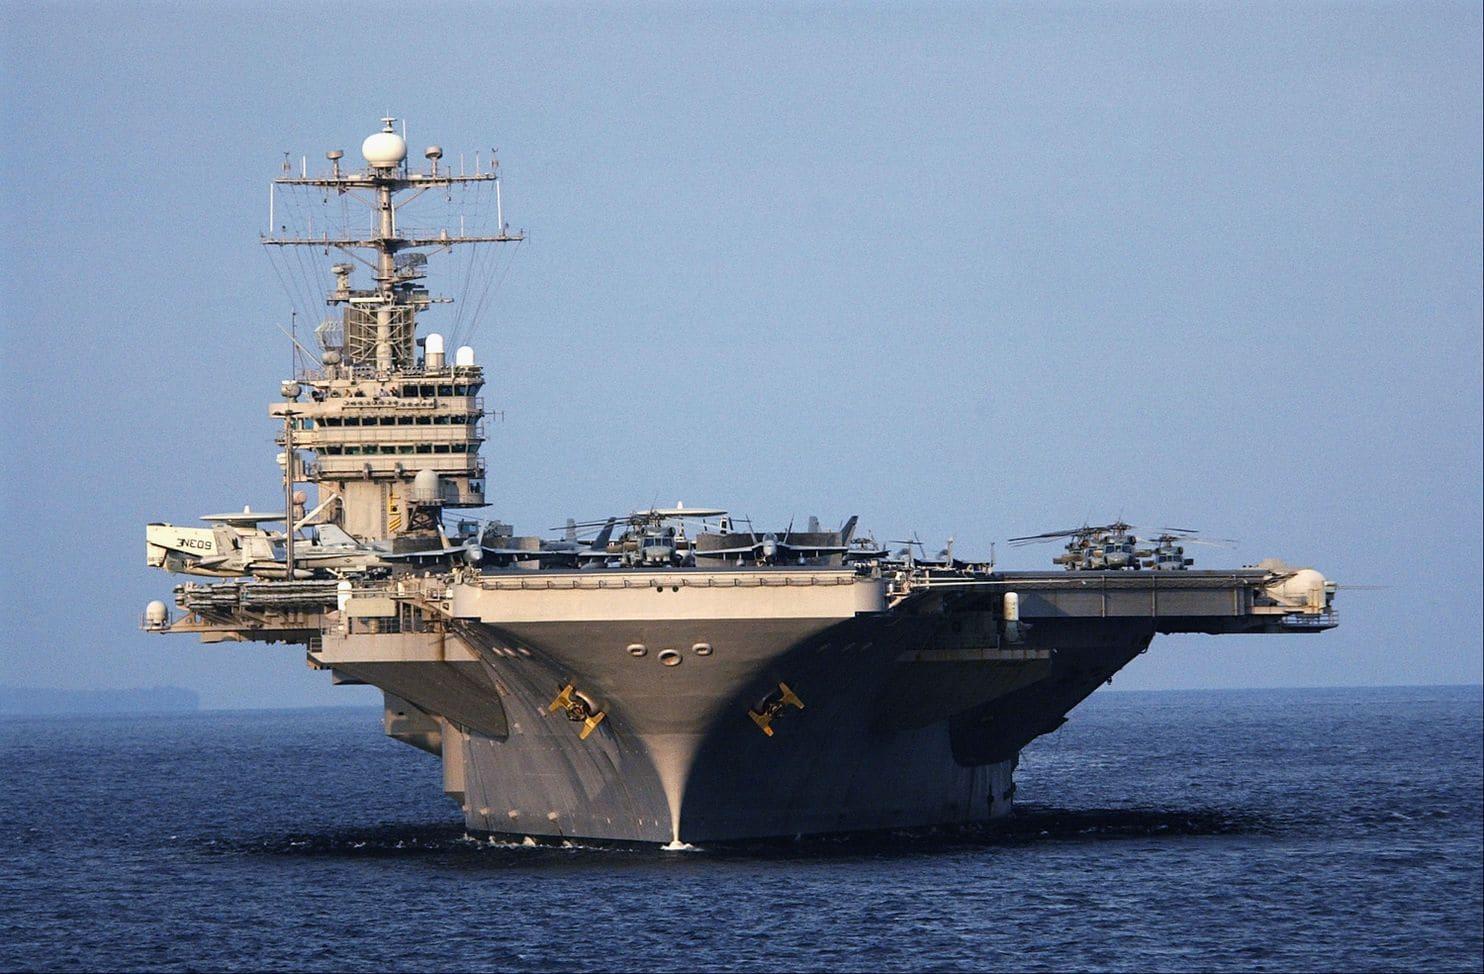 هل توجه الولايات المتحدة الأمريكية ضربة عسكرية لإيران؟!